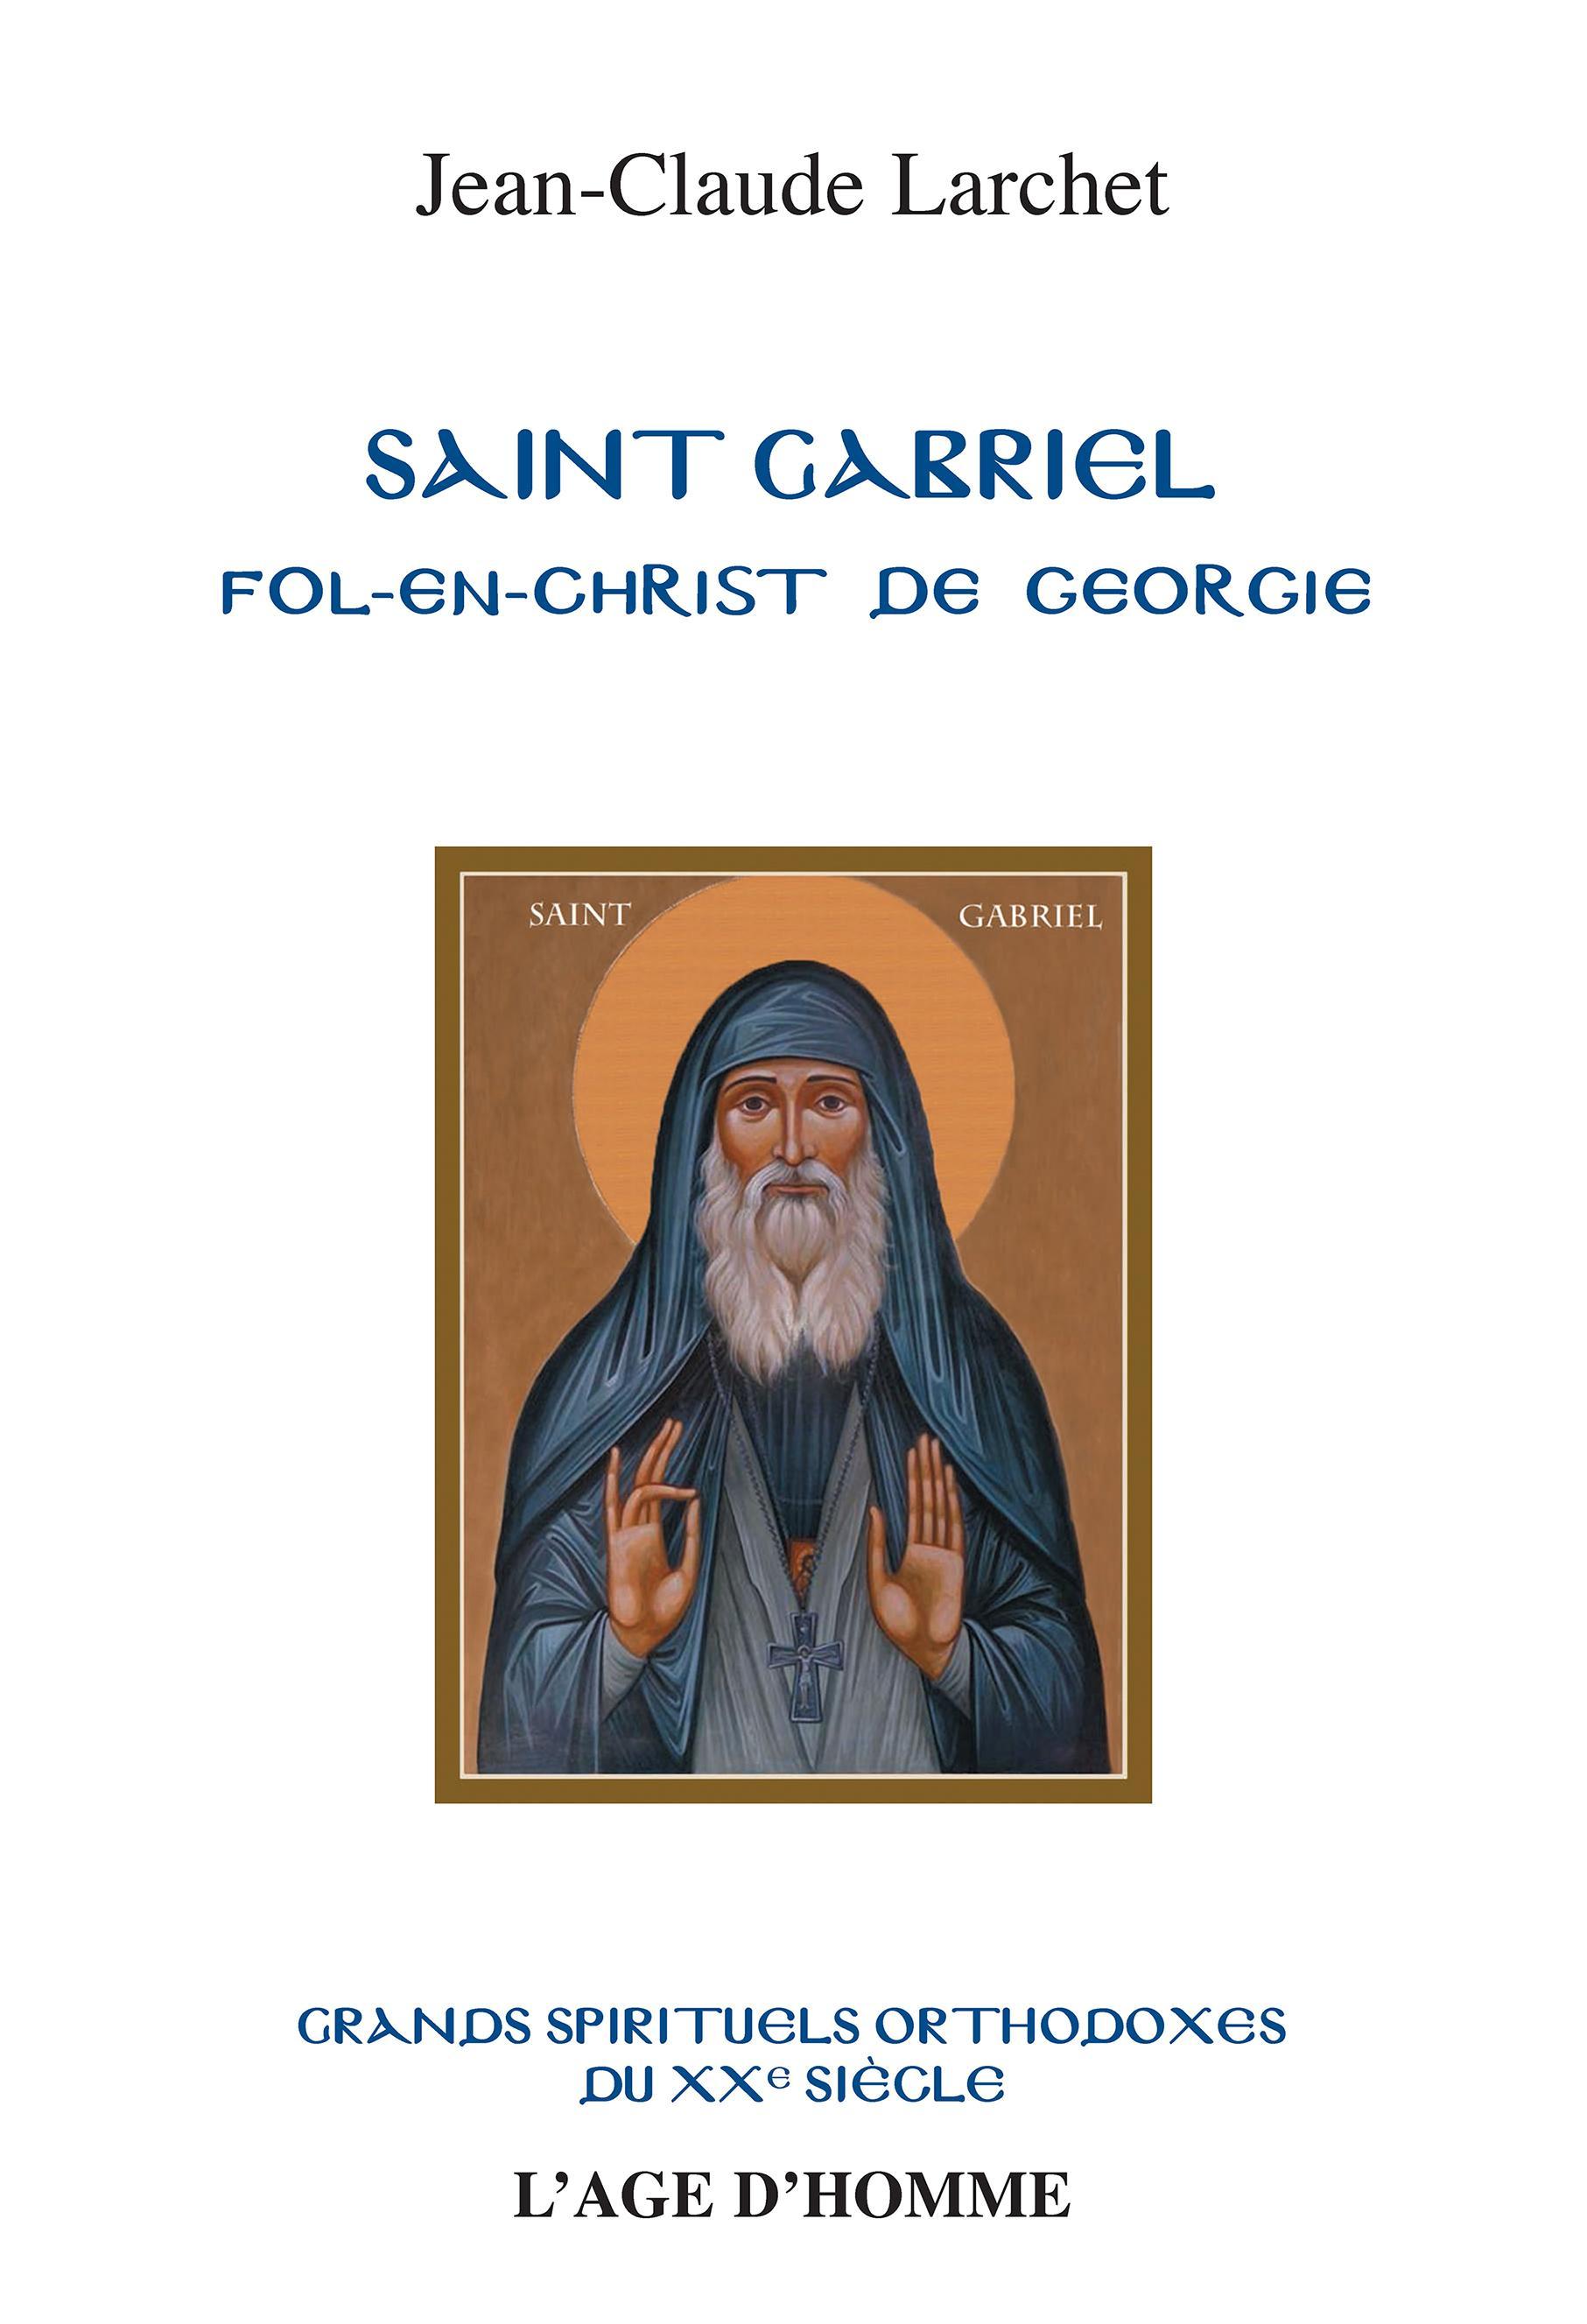 Jean-Claude Larchet - Saint Gabriel